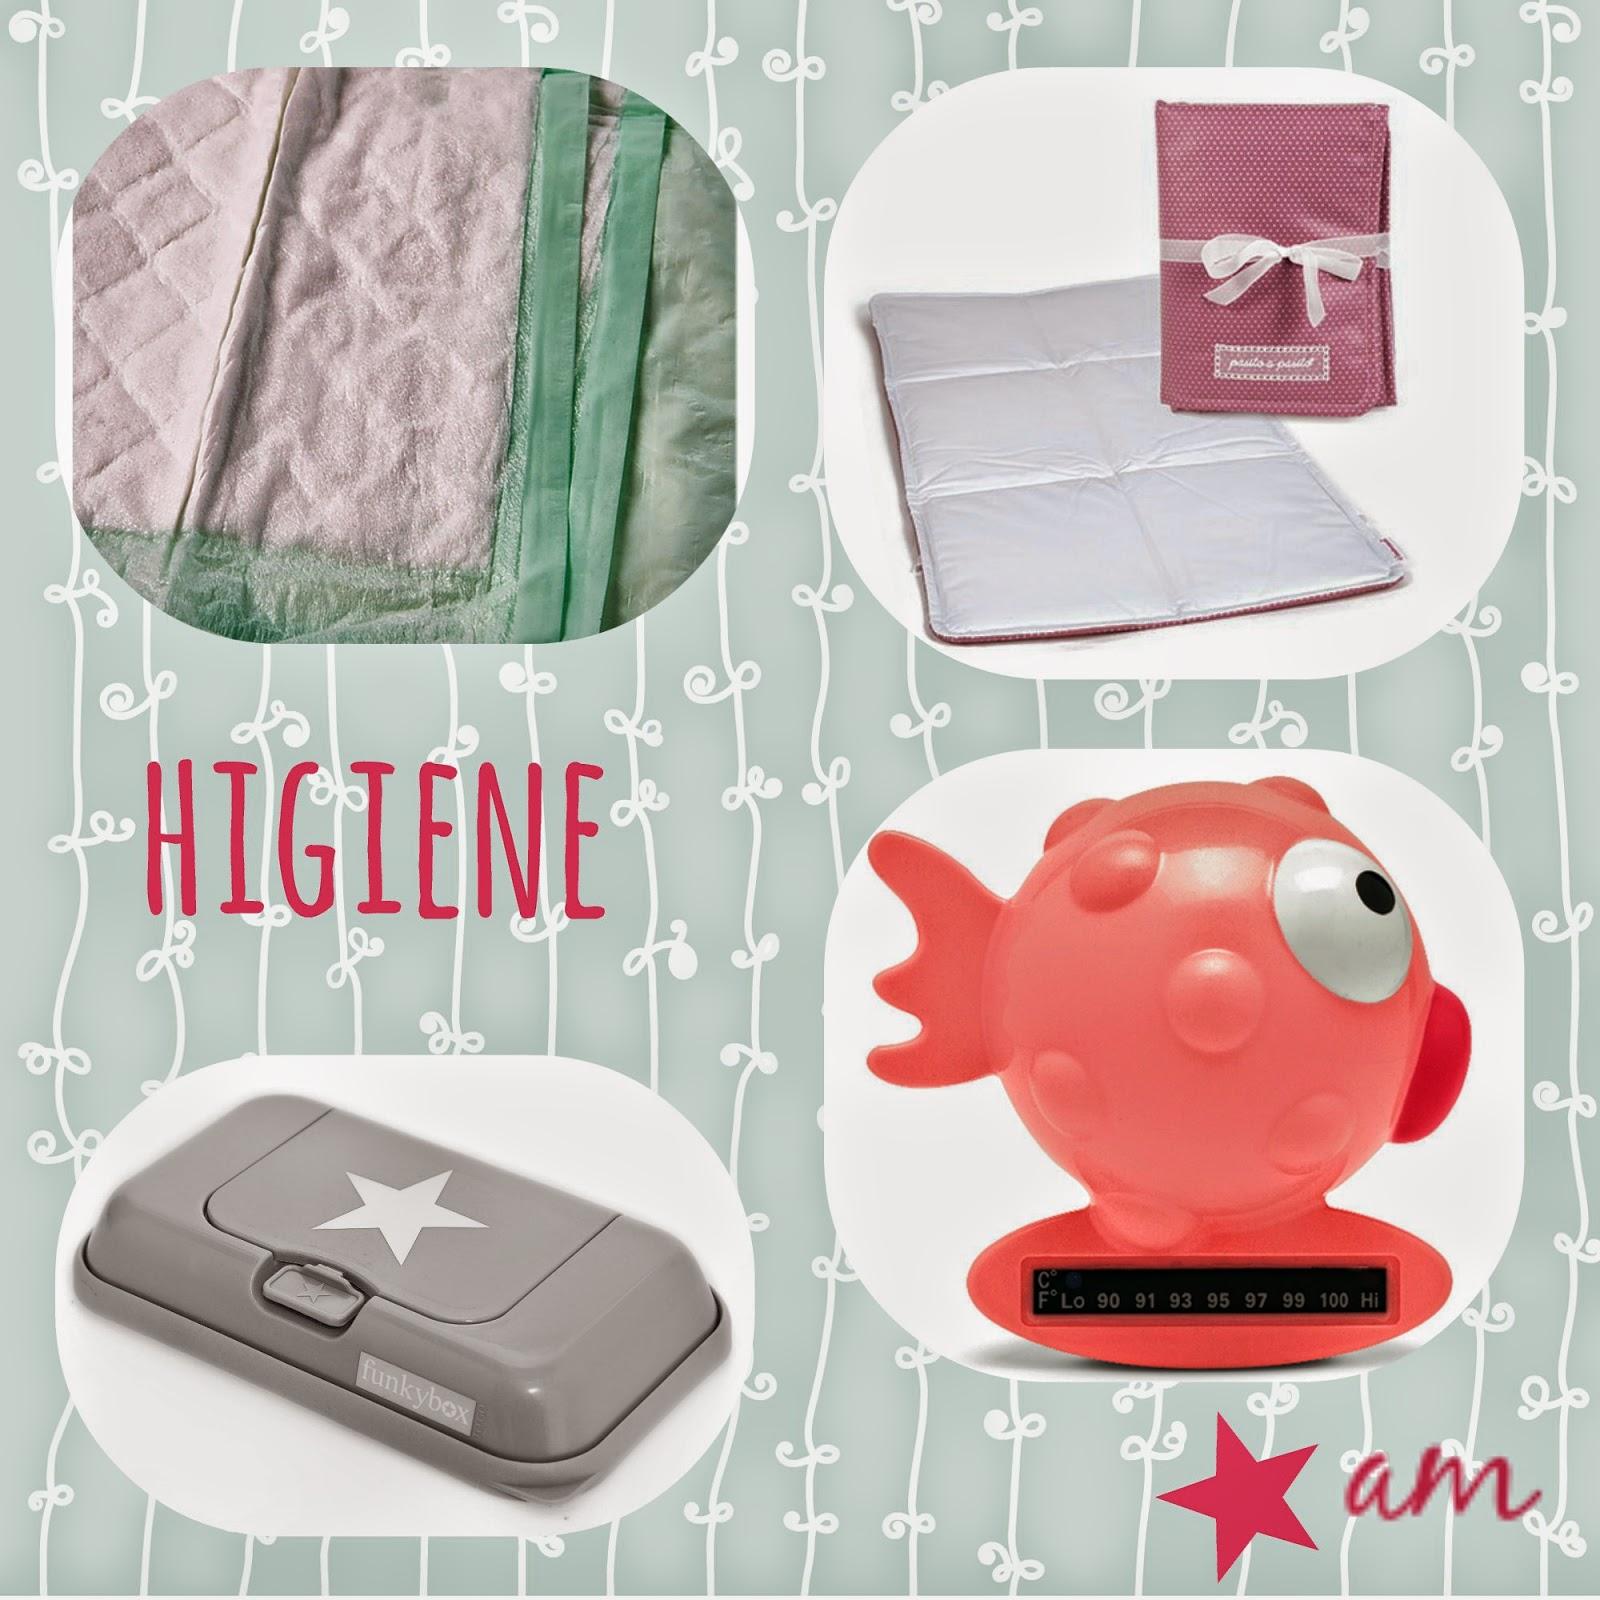 articulos de bebe utiles - higiene